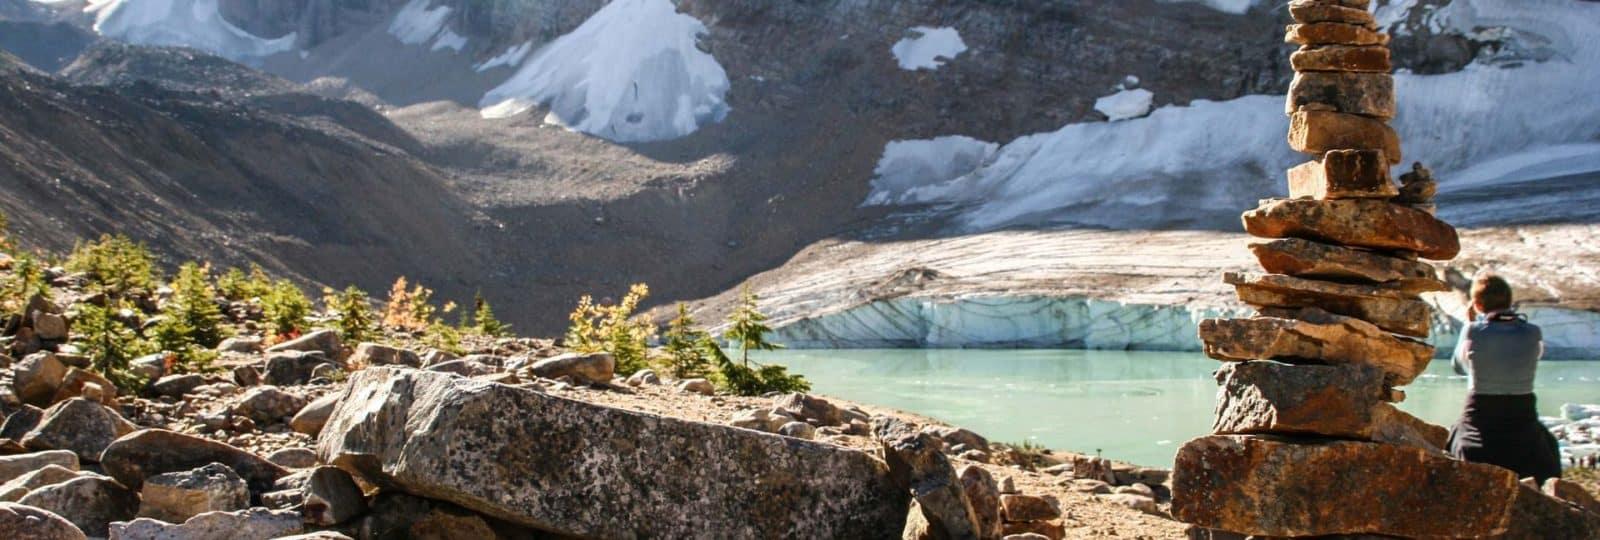 Wanderpfade in den Bergen Westkanadas